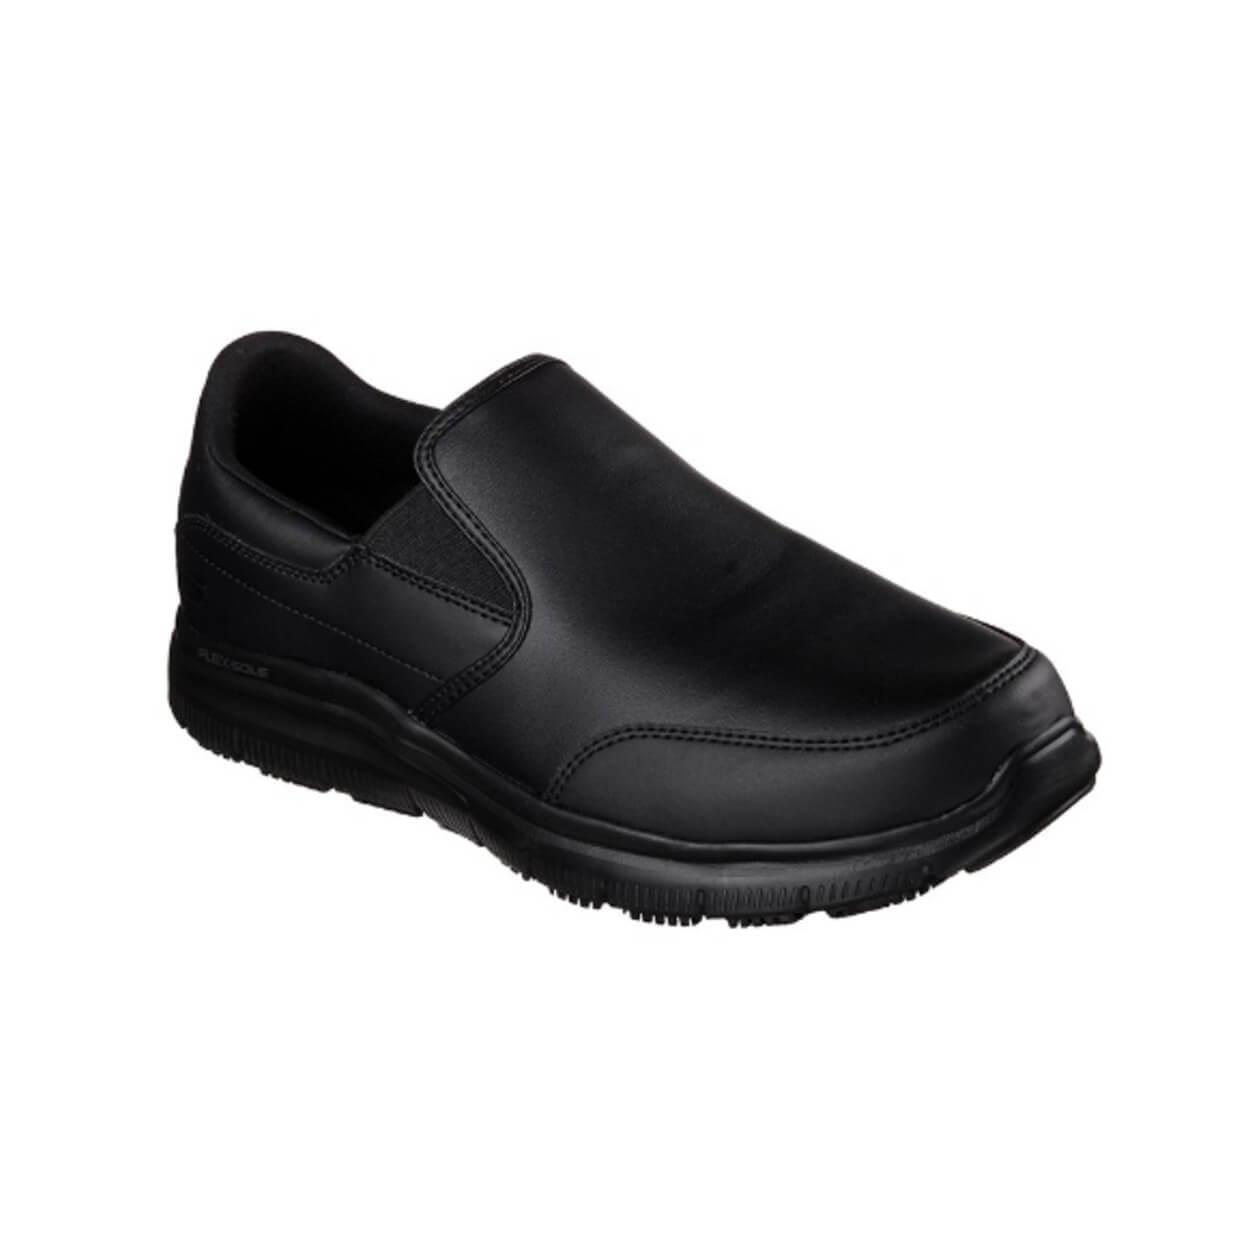 Αντιολιοσθητικά ανδρικά παπούτσια Skechers